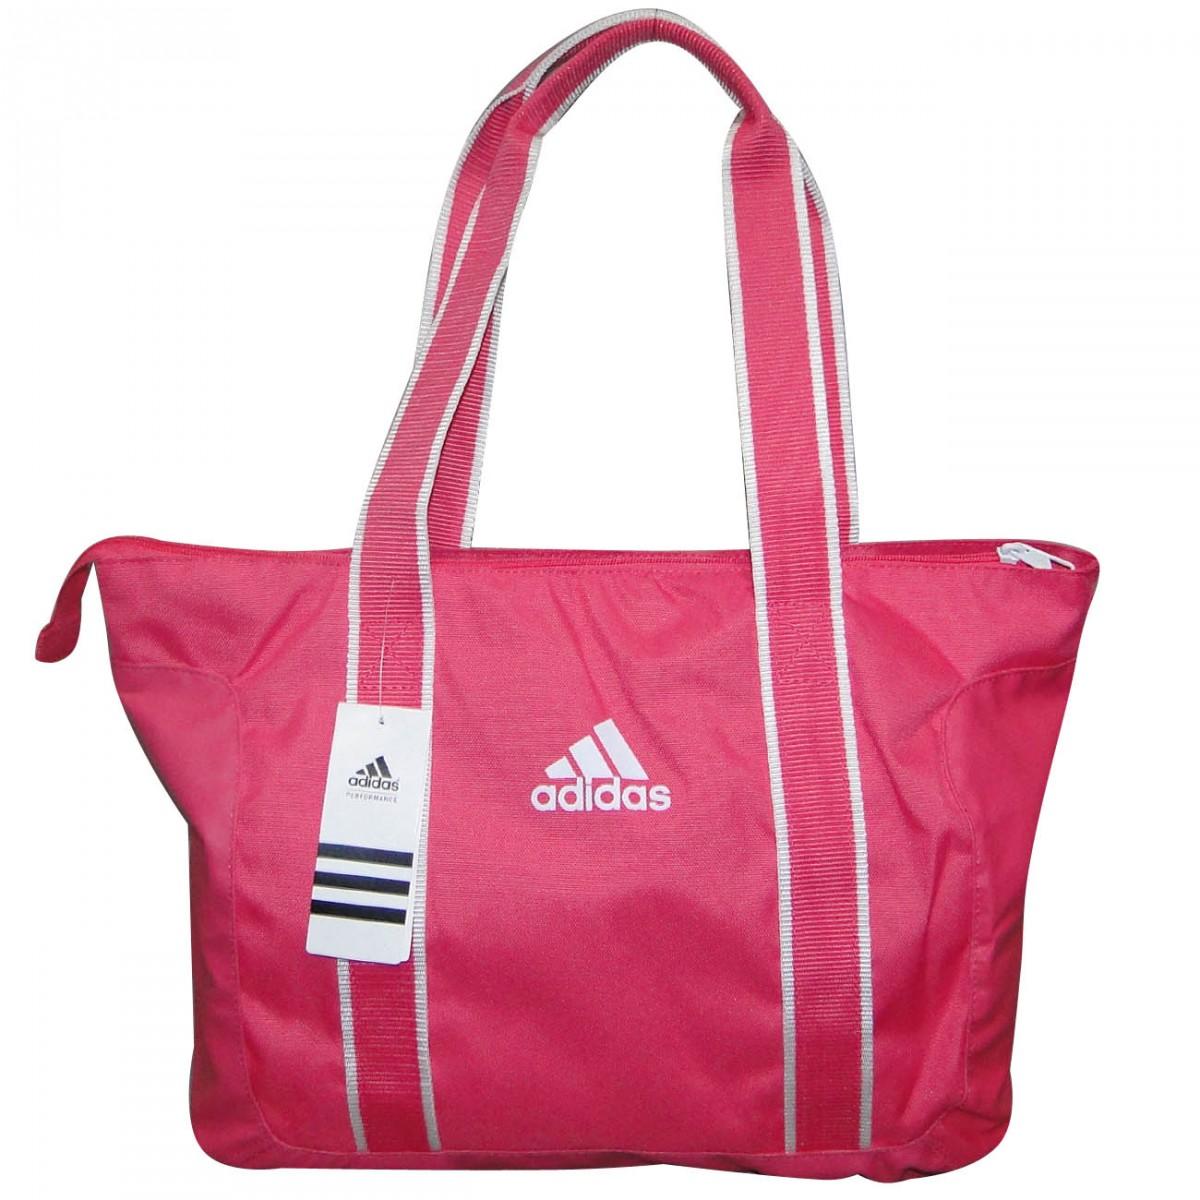 1118fcd66 Bolsa Adidas W C Ess Shoulder Z31418 - Rosa/Branco - Chuteira Nike, Adidas.  Sandalias Femininas. Sandy Calçados